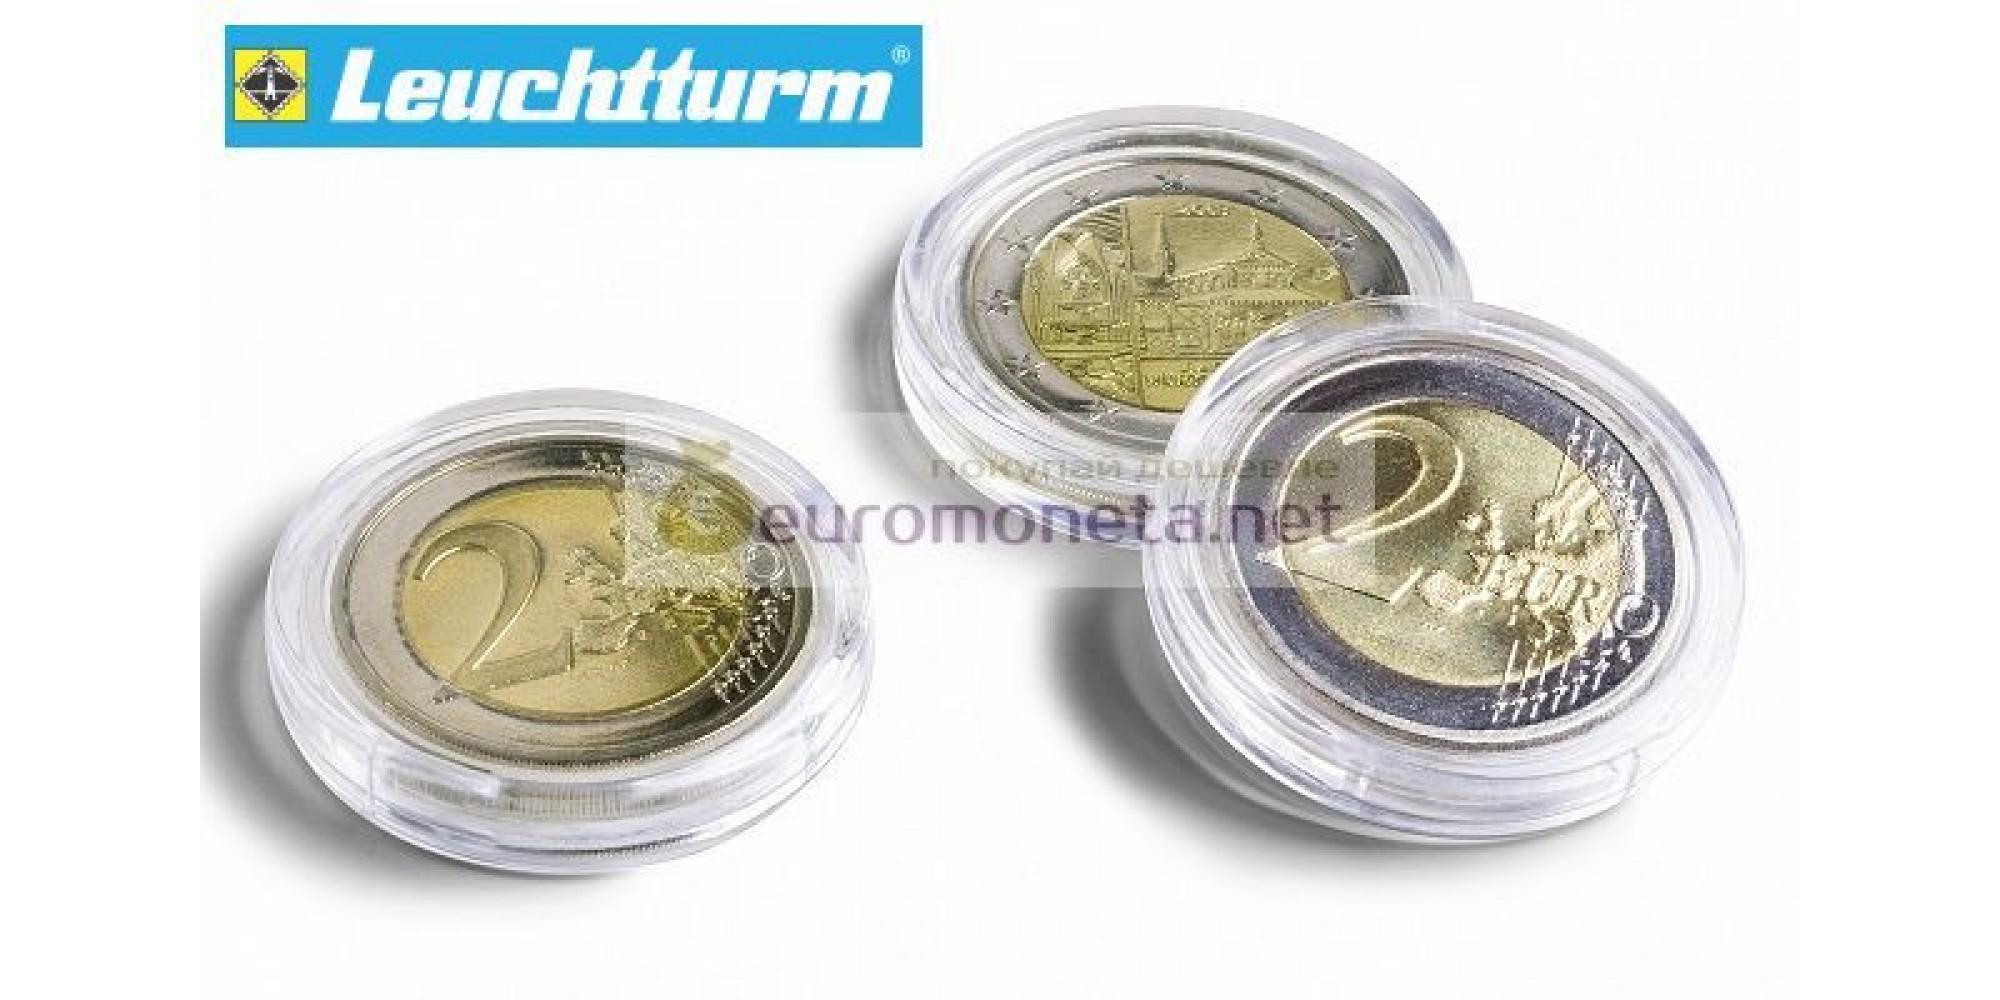 Leuchtturm капсулы ULTRA для хранения монет внутренний диаметр 21 мм, 10 штук